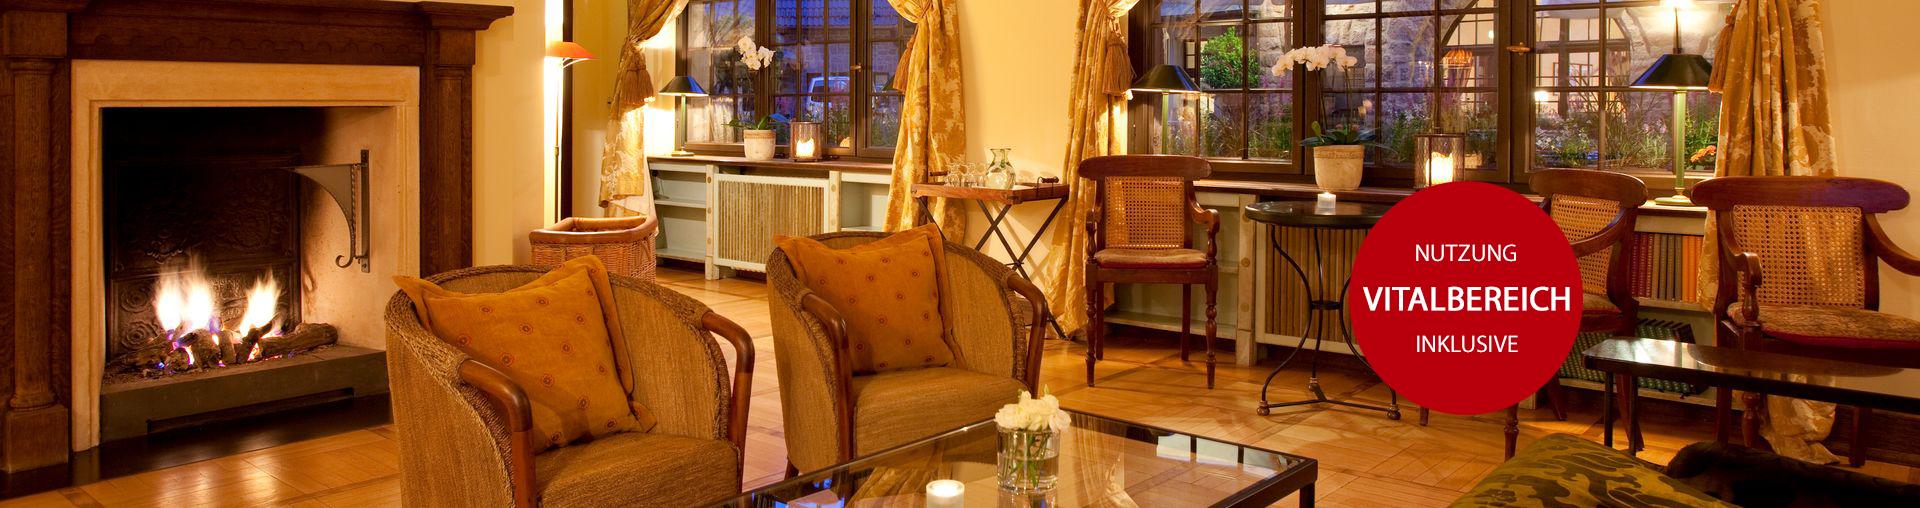 Angebot Kaminromantik im Winter im Romantik Hotel auf der Wartburg in Eisenach